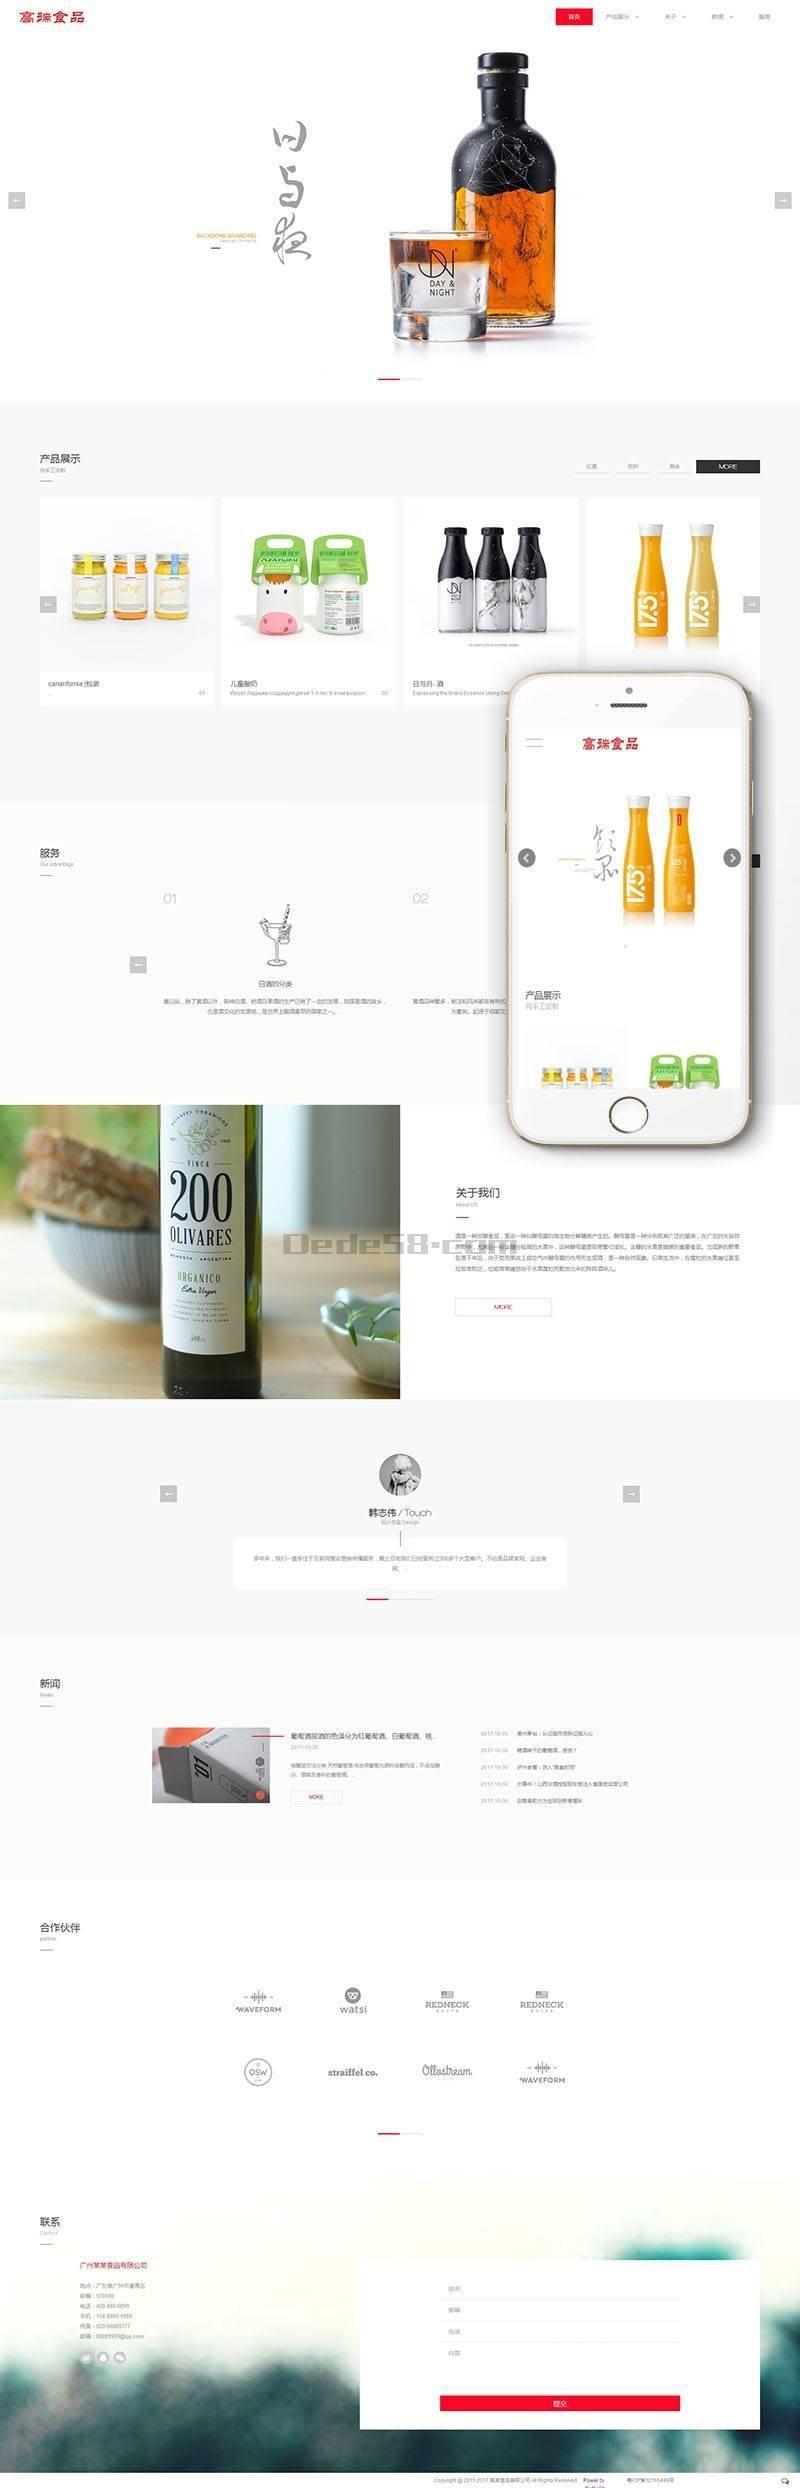 高端酒水食品类企业网站织梦模板(带手机端)